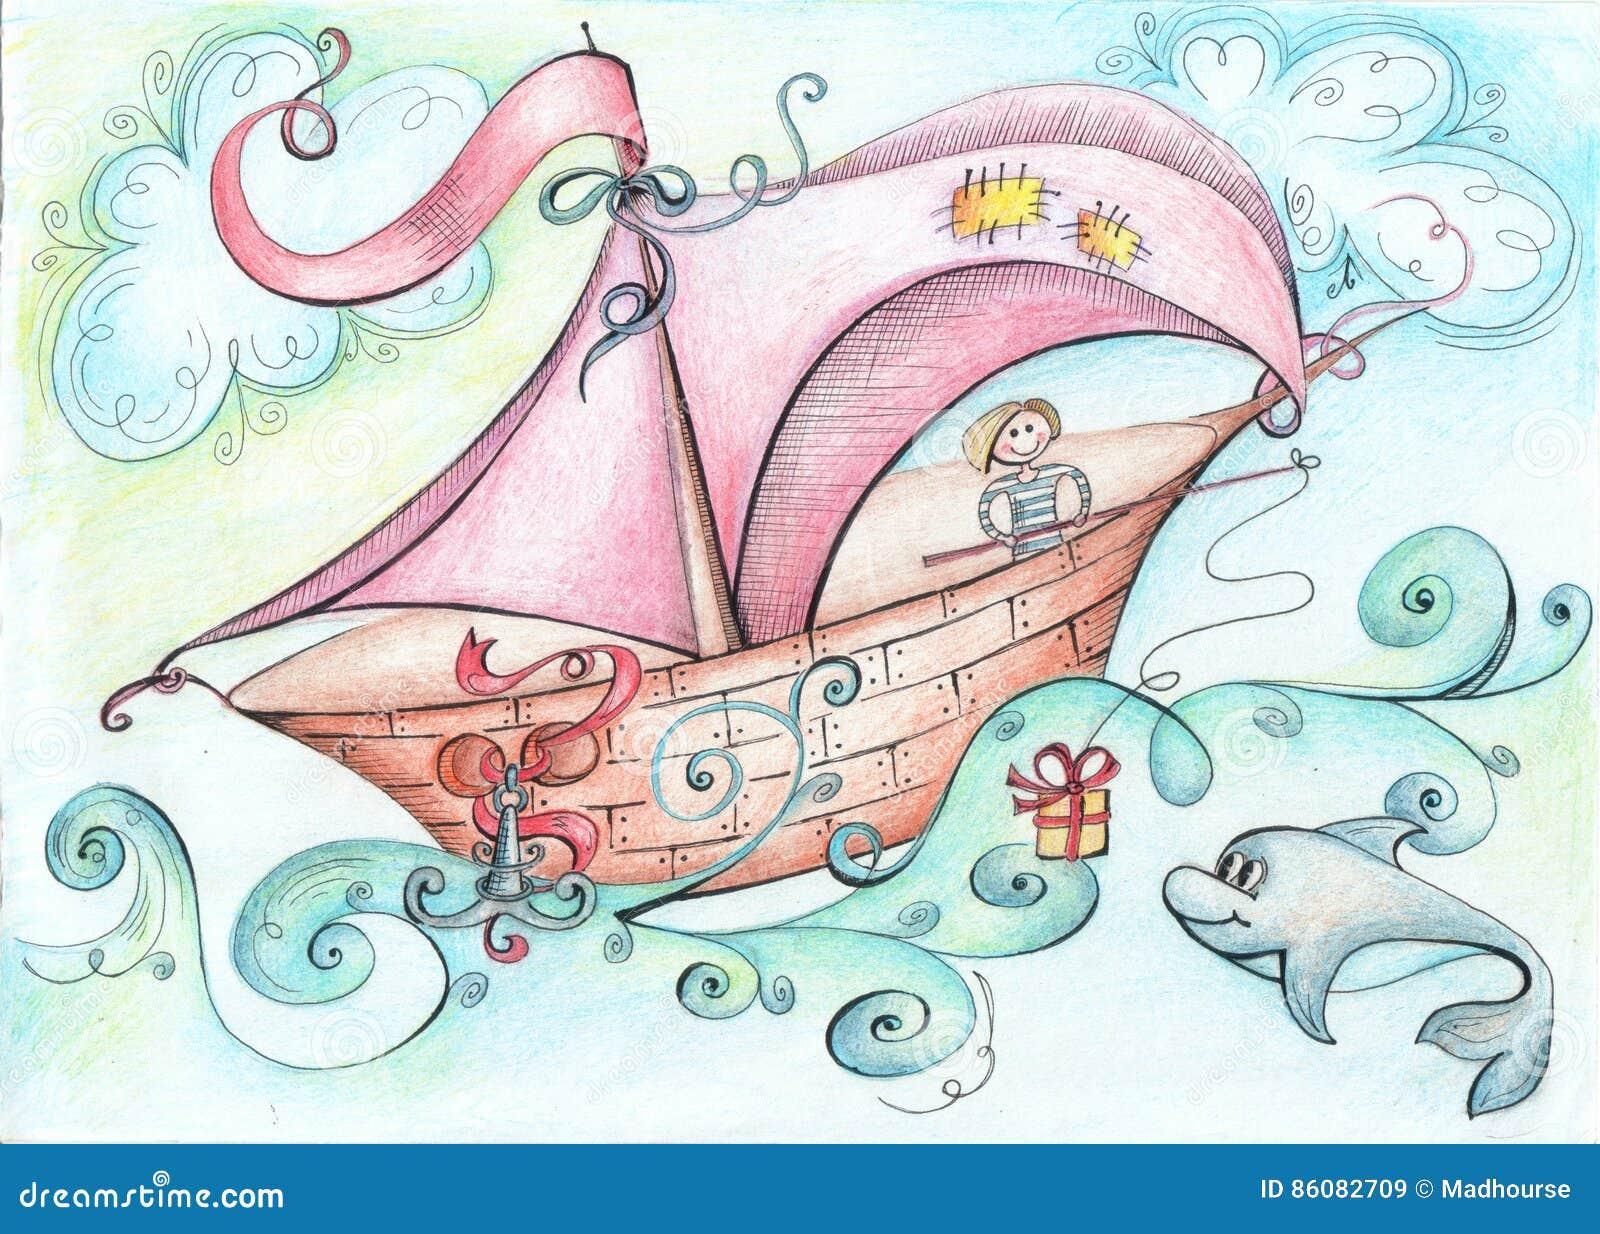 Vlotters van de illustratie wierpen de fantastische boot op de oceaan aan boord van een mens een gift voor dolfijnhengel